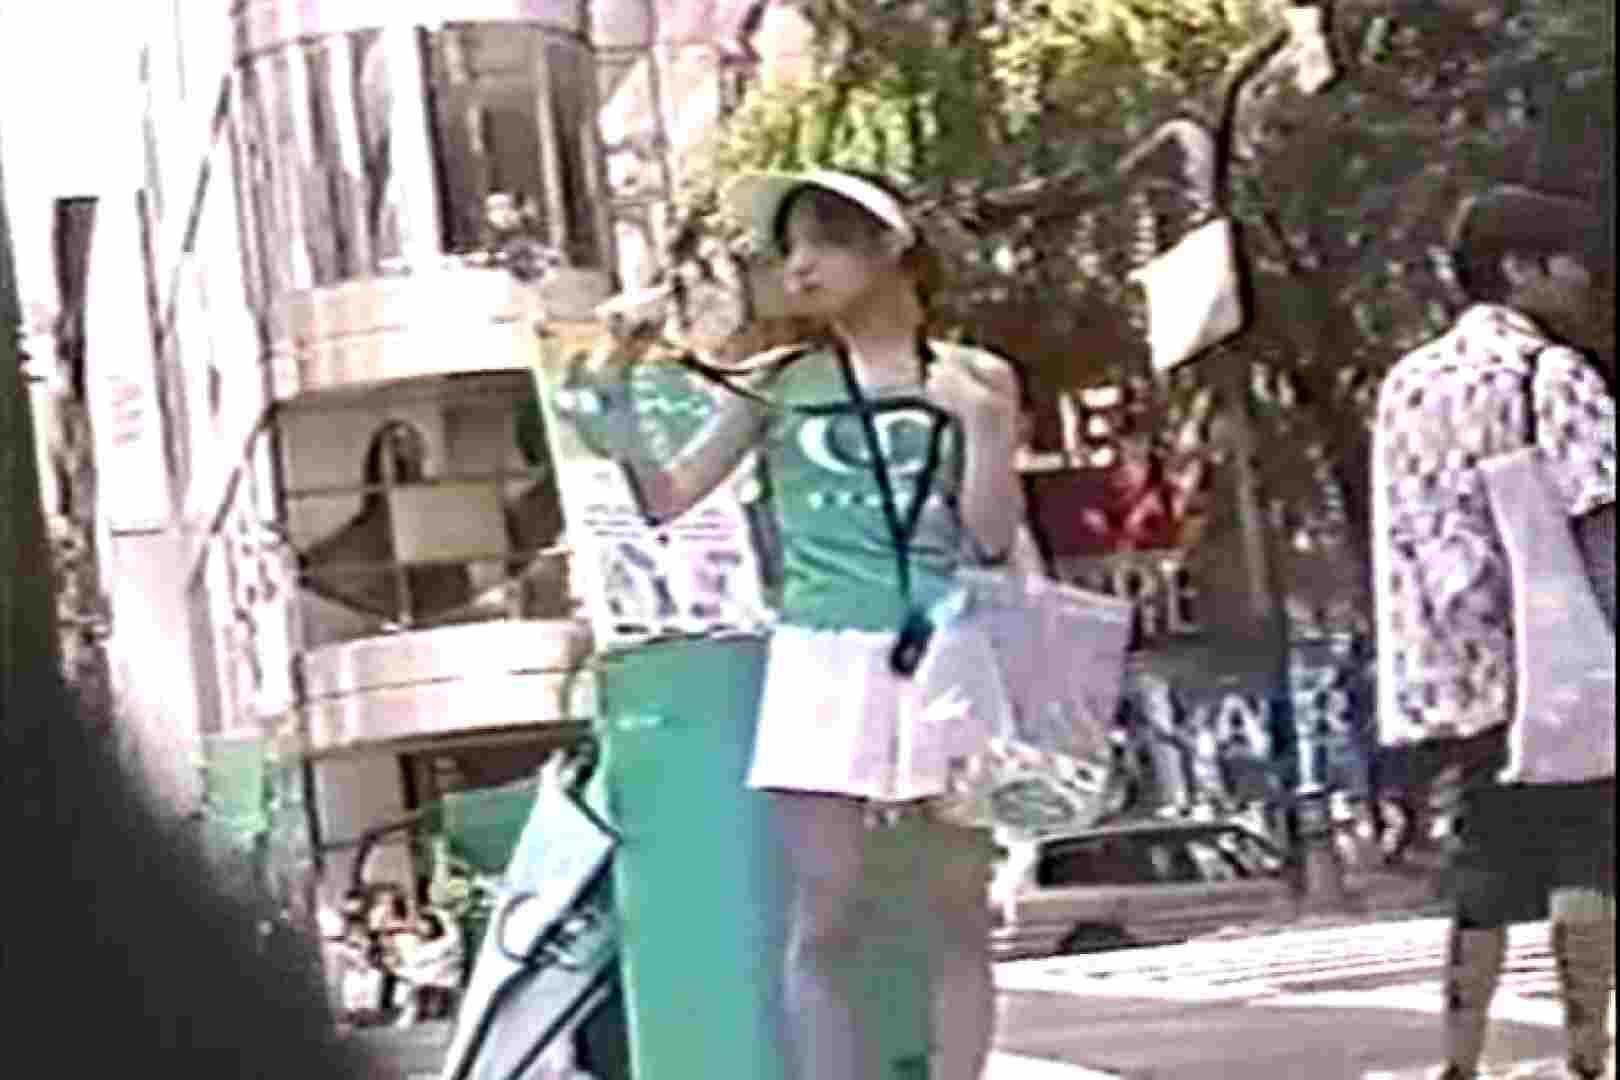 「ちくりん」さんのオリジナル未編集パンチラVol.6_02 OLヌード天国   パンチラ  98PIX 49